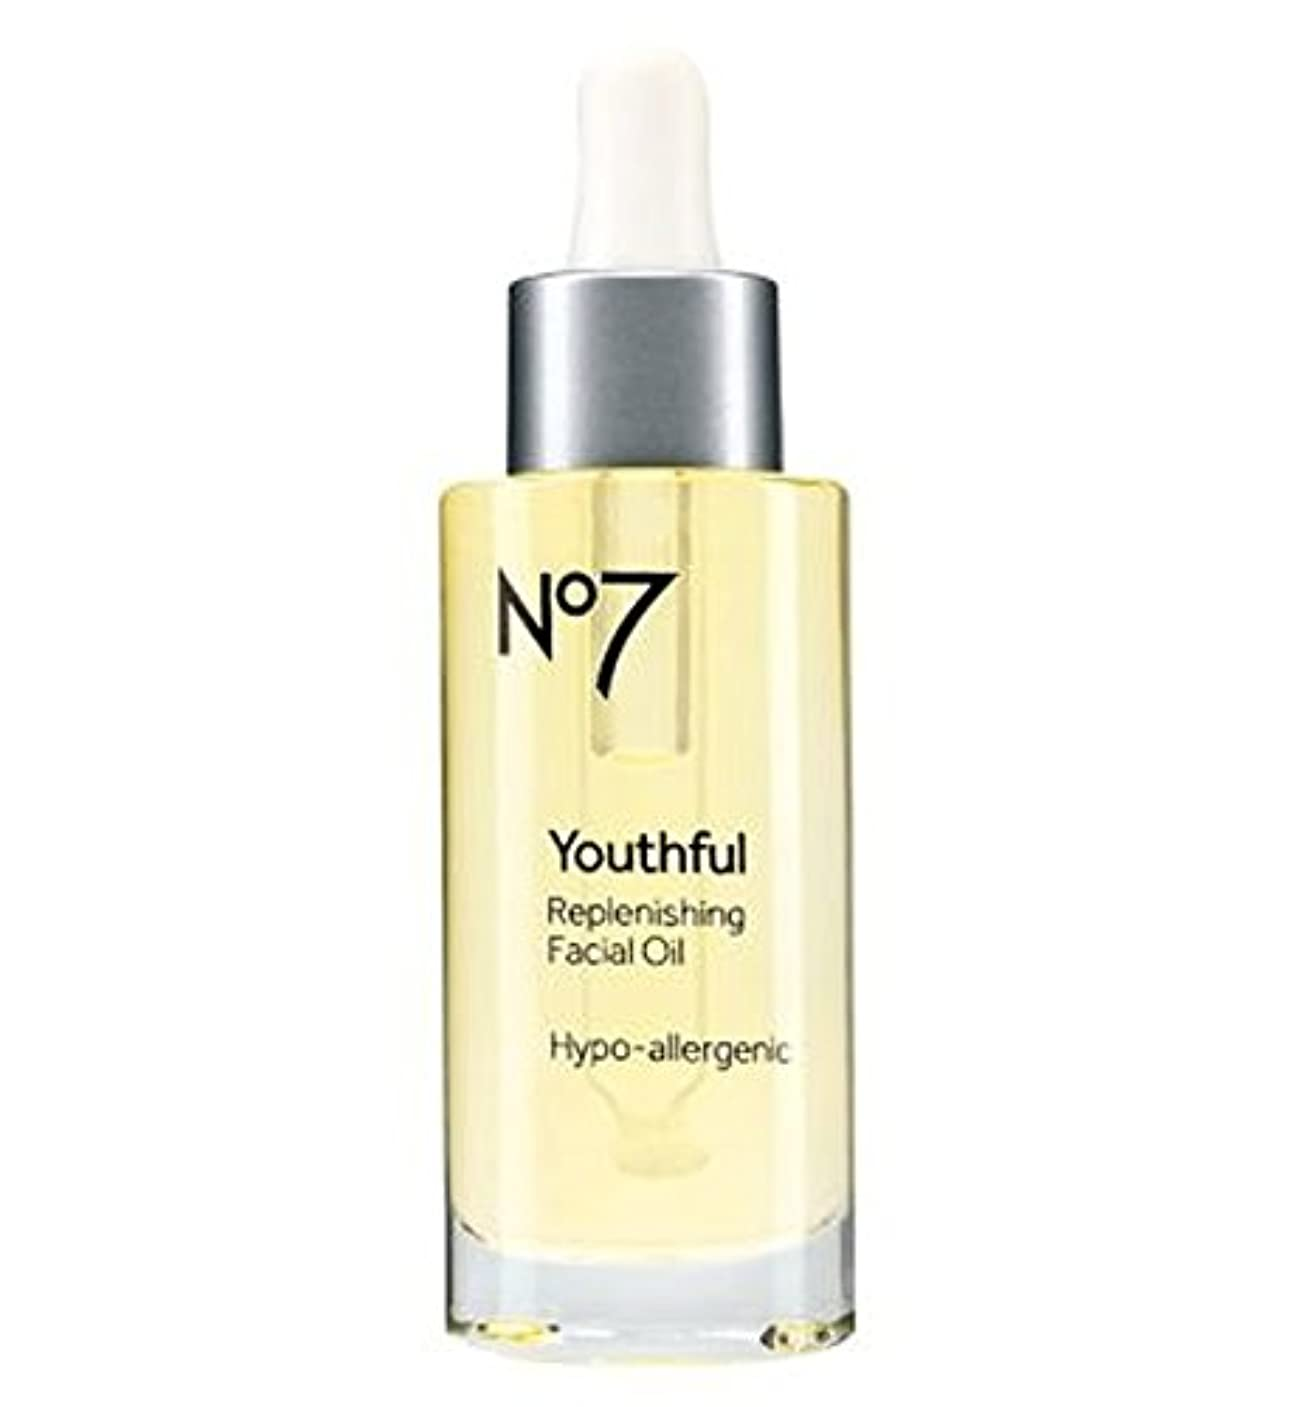 飢饉プリーツスカウトNo7 Youthful Replenishing Facial Oil 30ml - No7若々しい補給フェイシャルオイル30ミリリットル (No7) [並行輸入品]